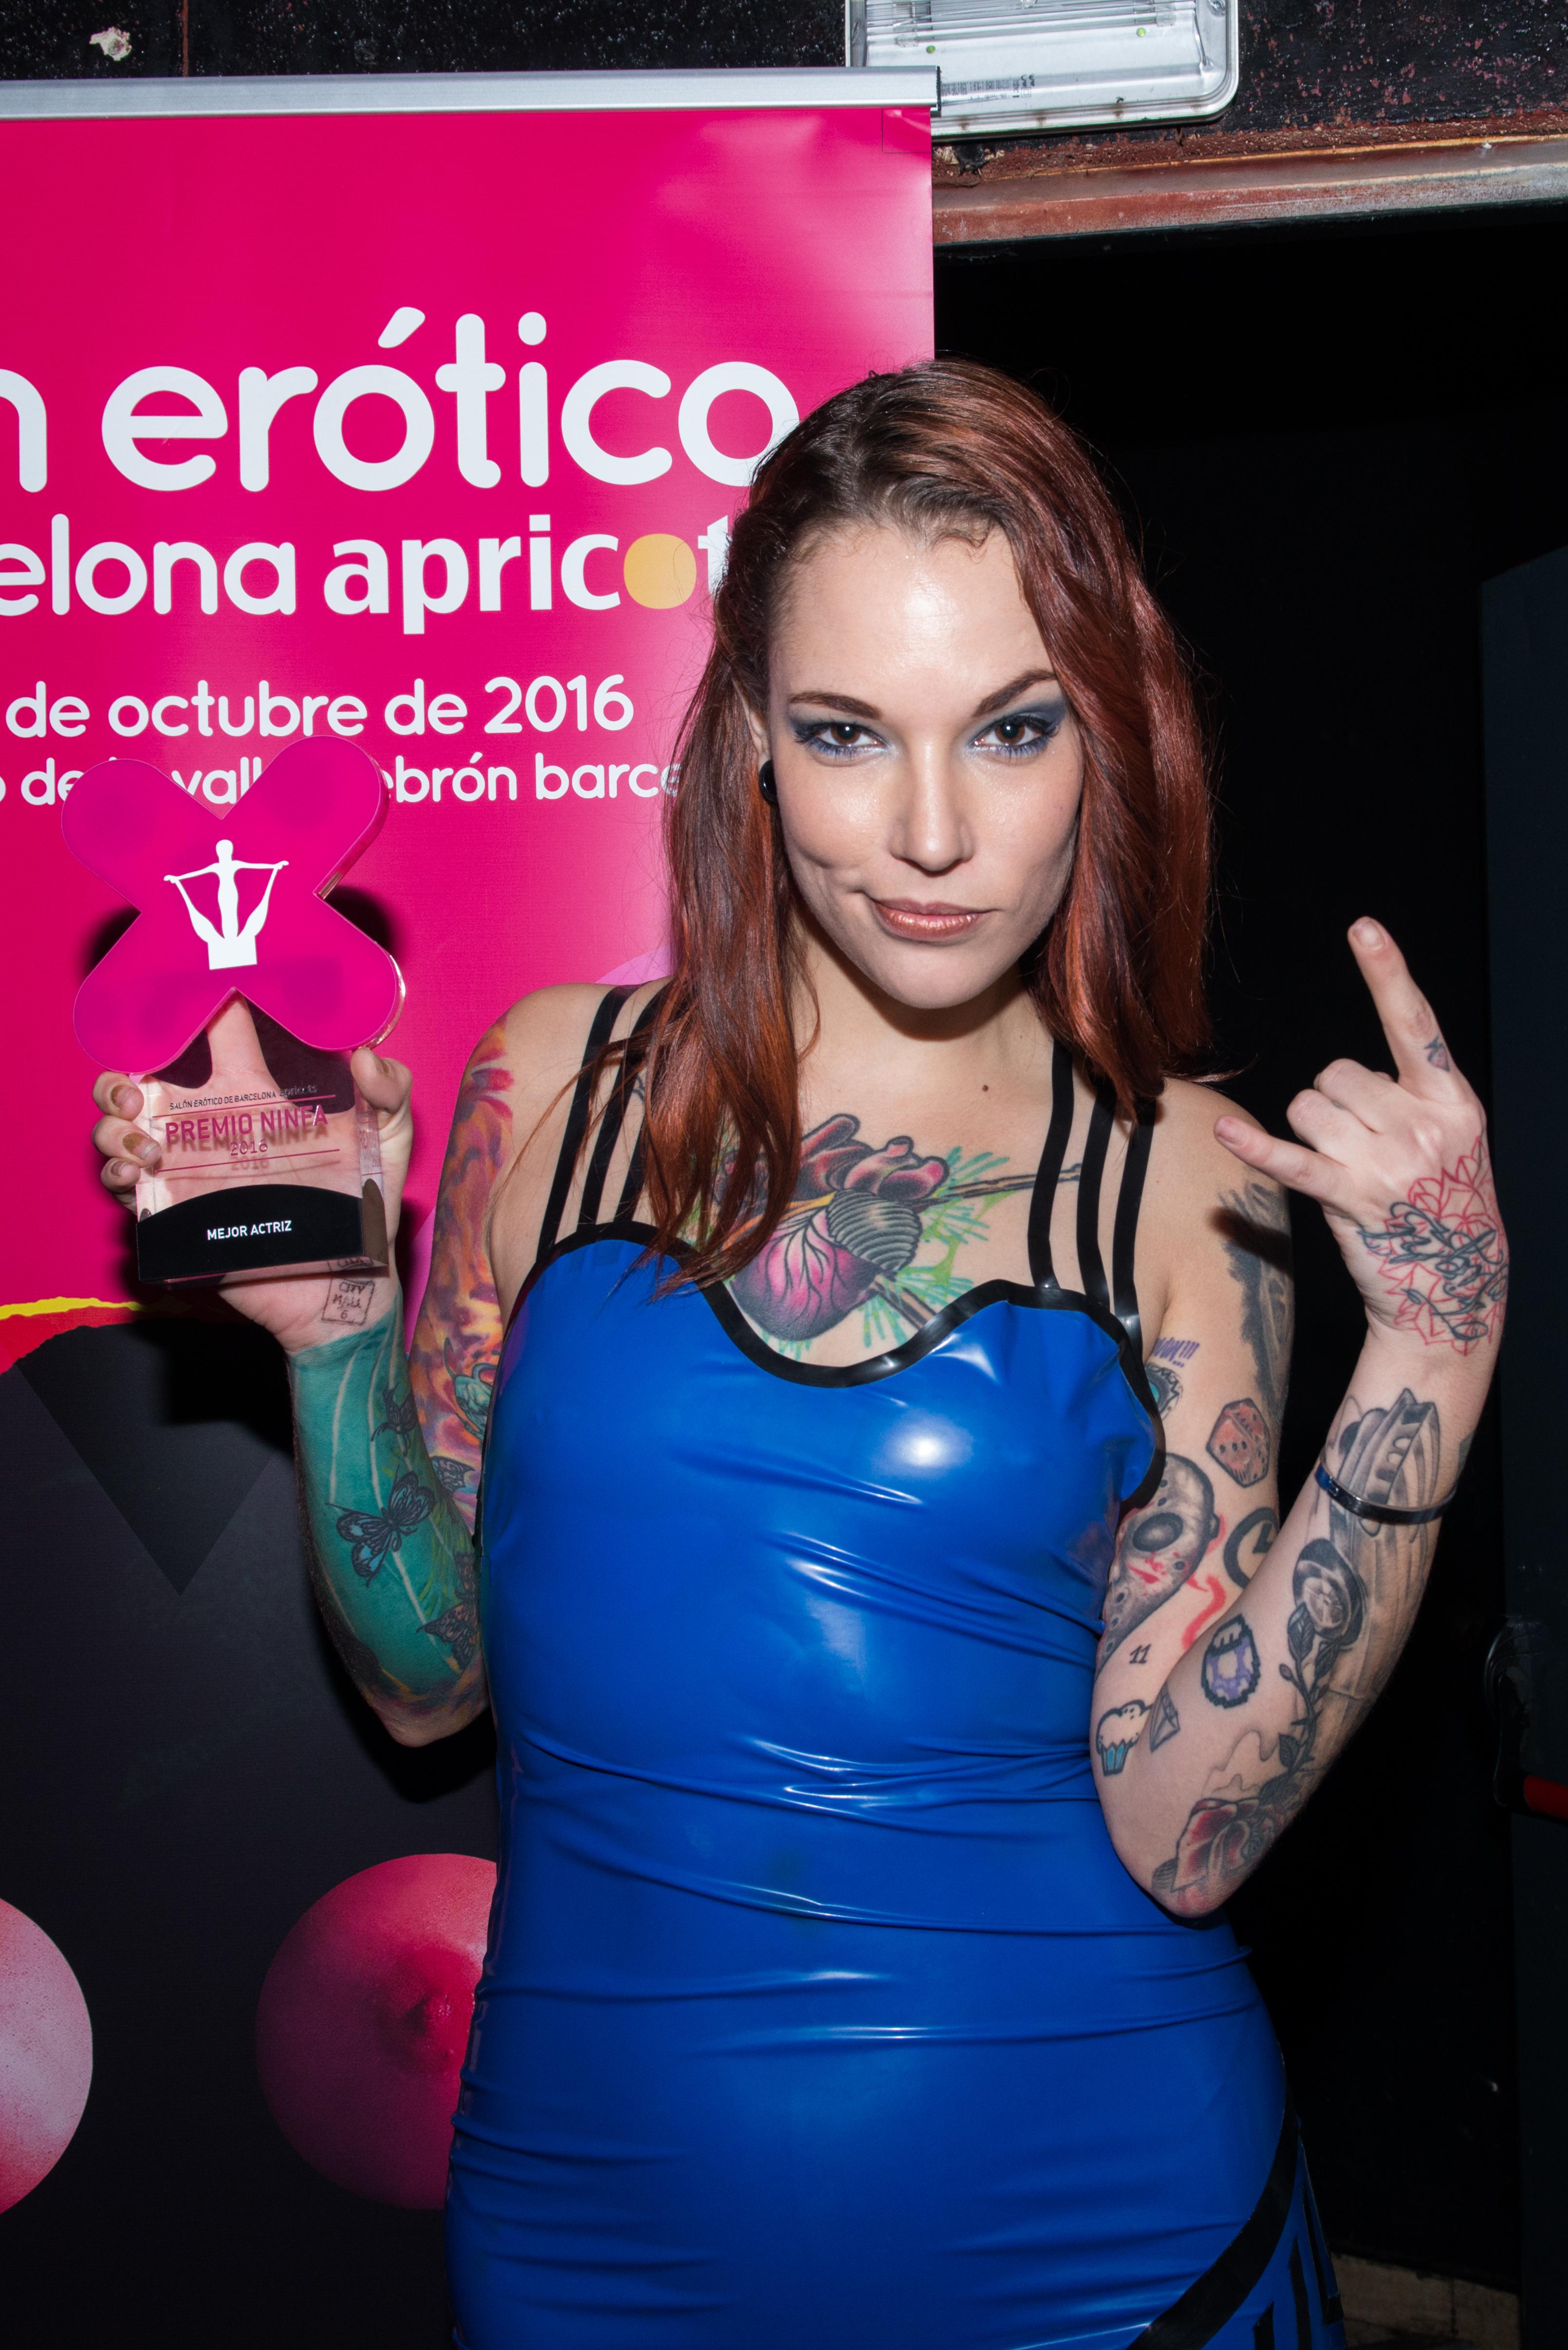 Actrices Salón Porno 2017 los premios ninfa 2016 consagran a sílvia rubí como mejor